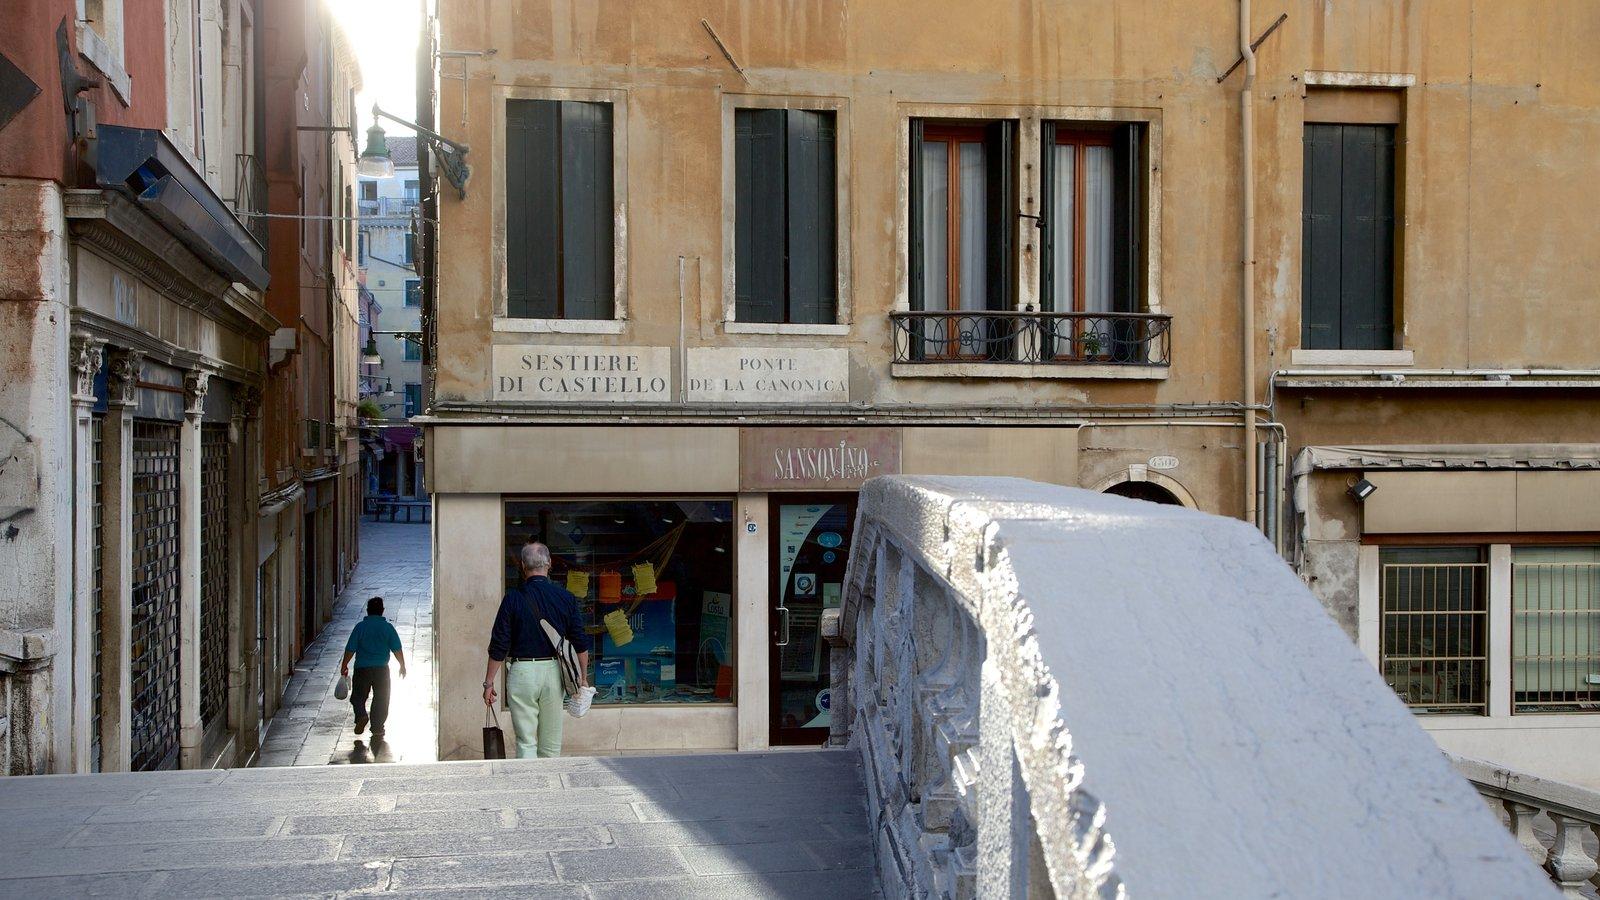 Castello which includes a bridge and heritage architecture